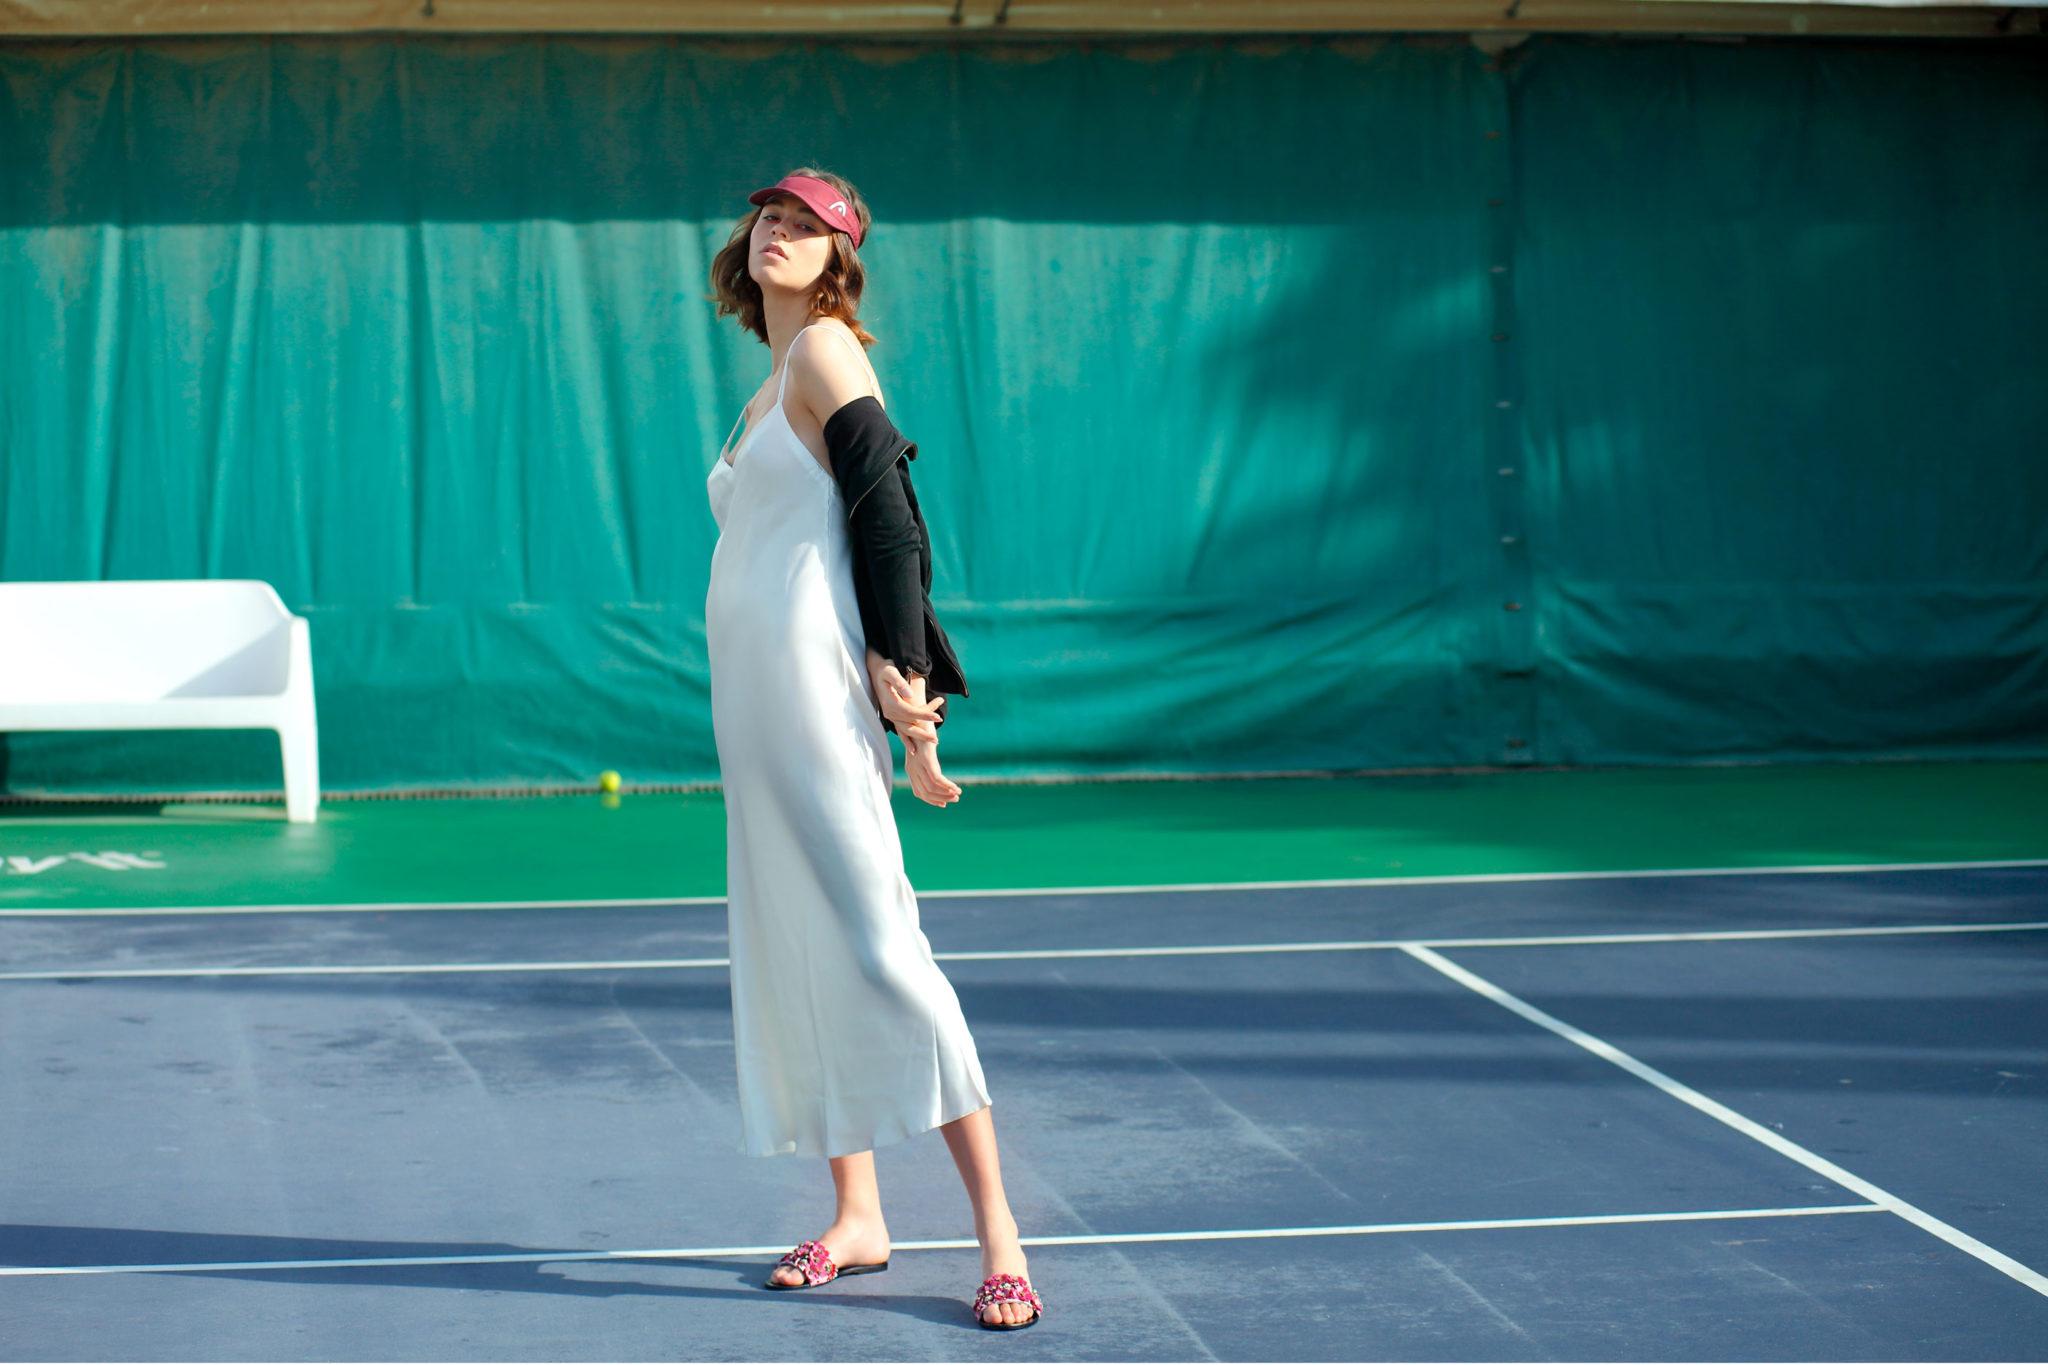 campo-tennis-anna22605.000